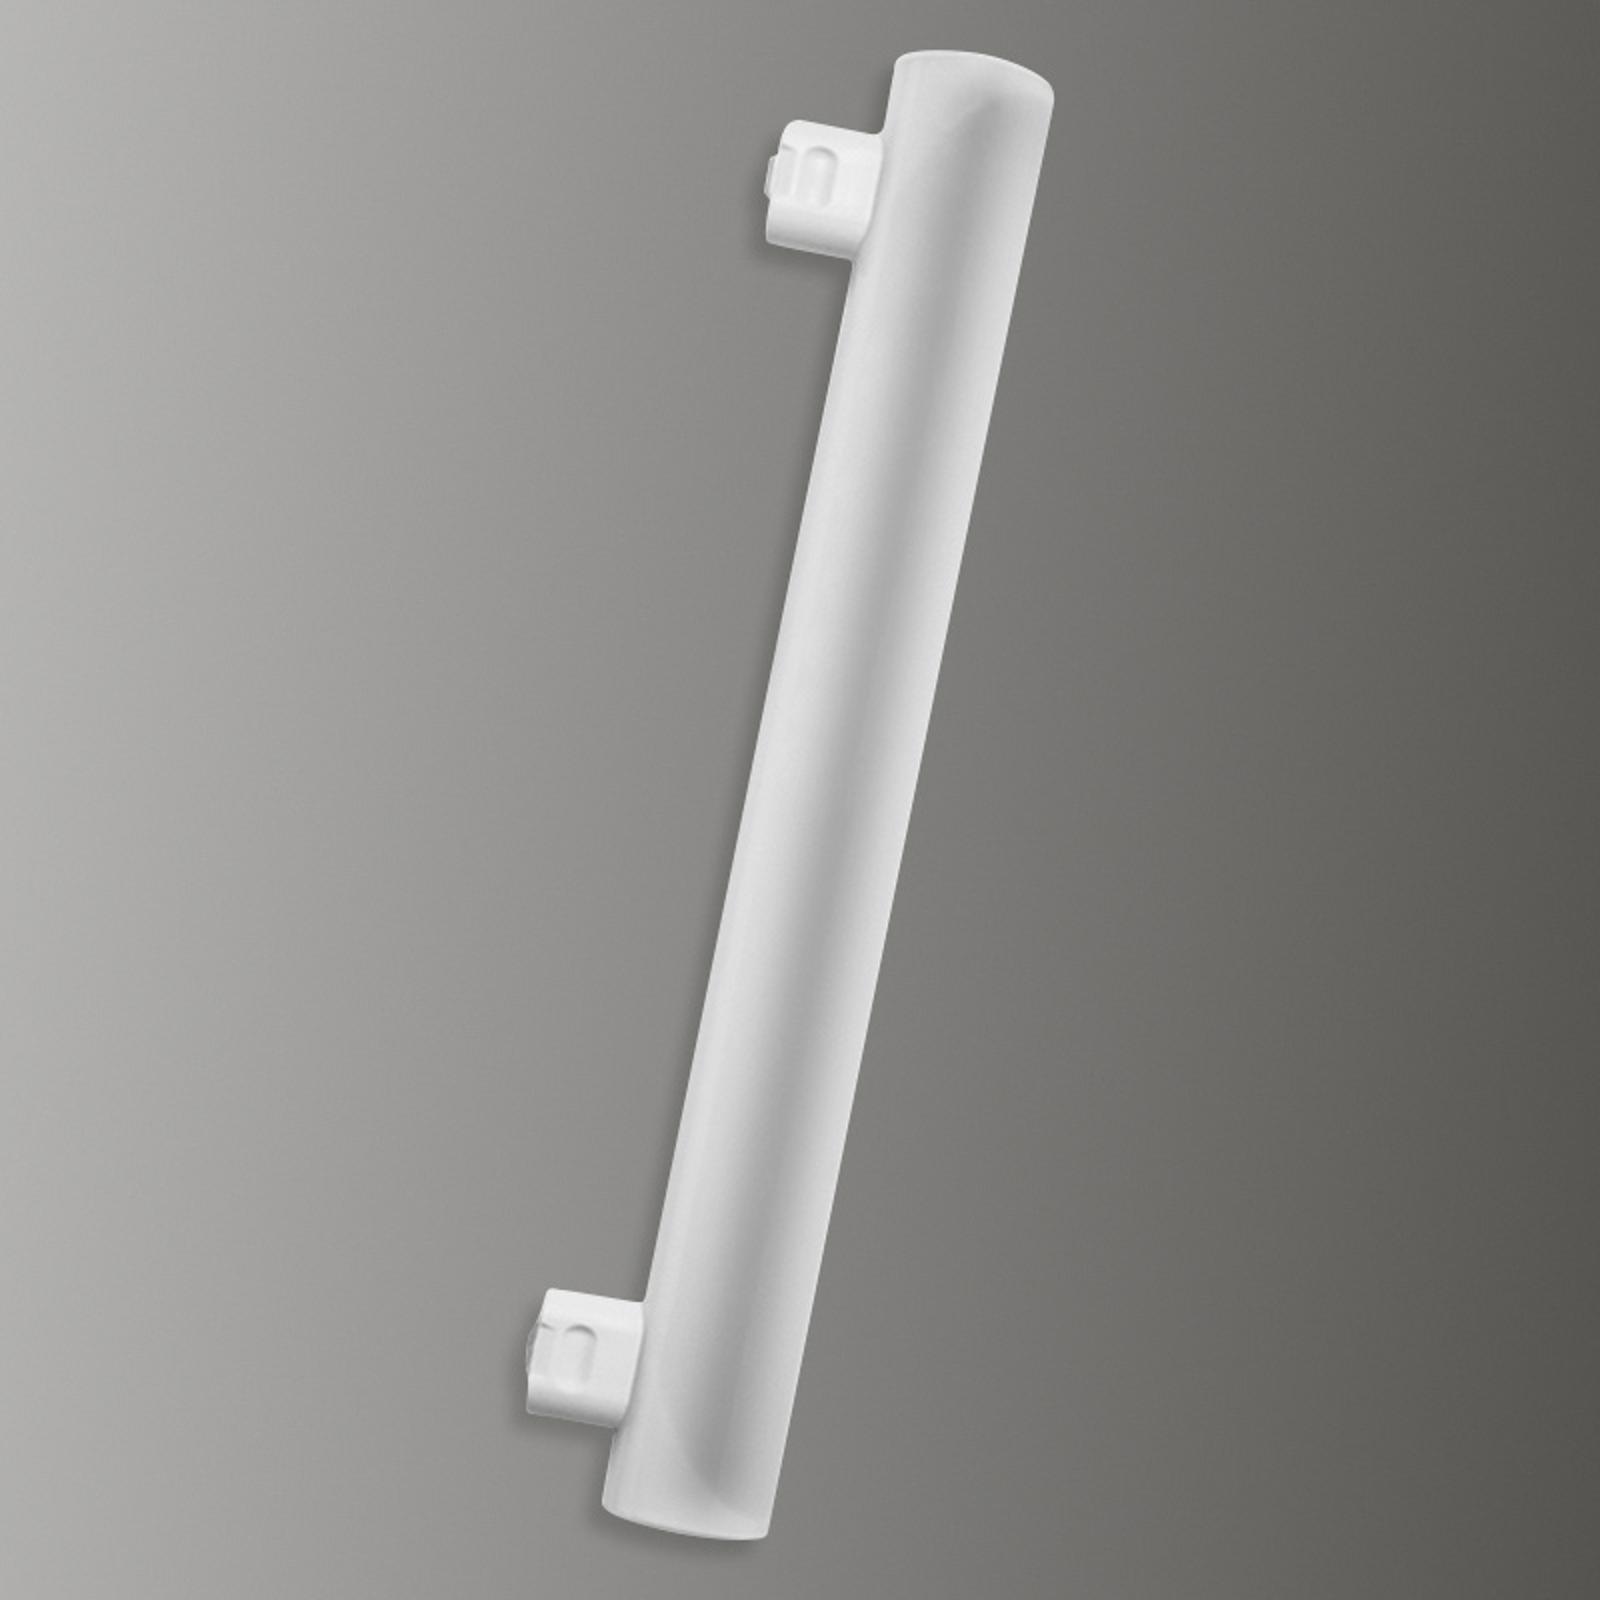 Ampoule tubulaire S14s 4W 827 LED, 2 culots, 300mm